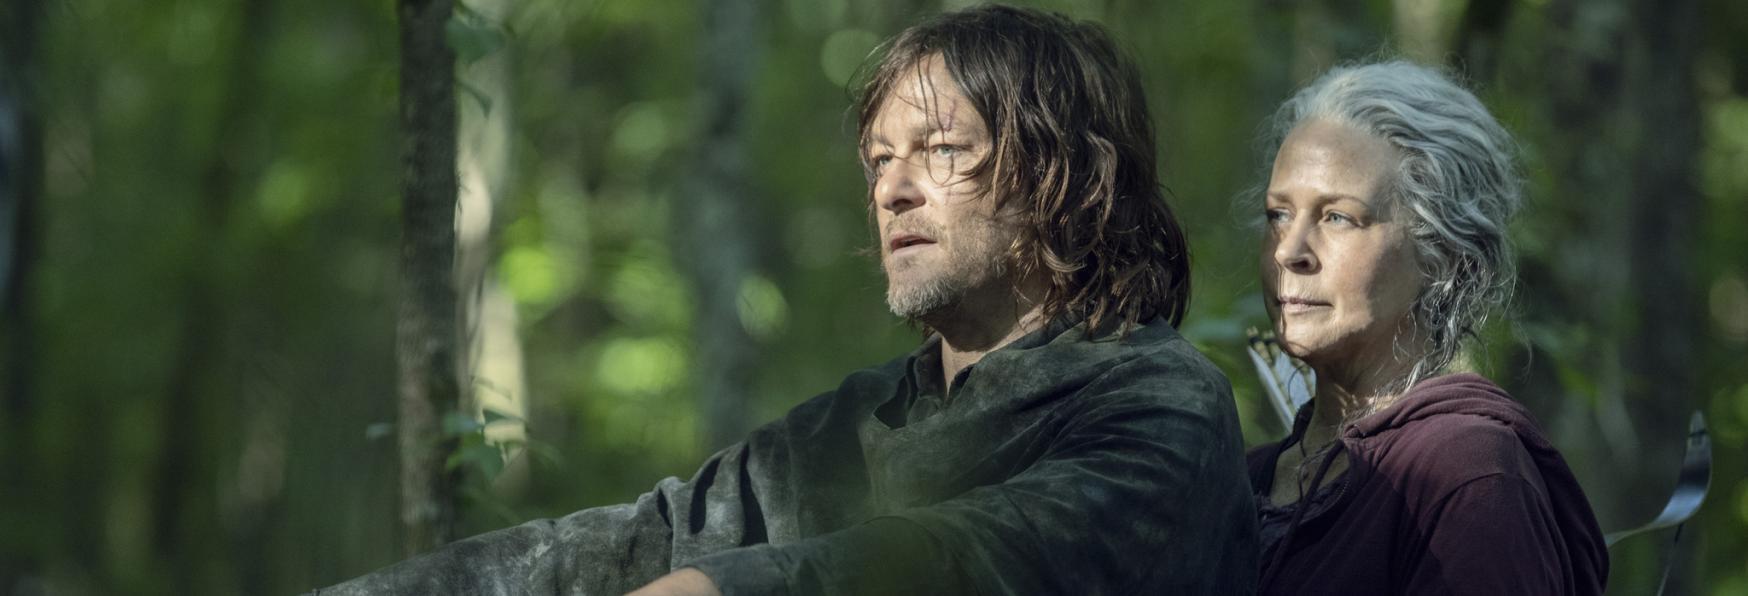 The Walking Dead 11: il Coronavirus non ha ancora compromesso i Lavori per la nuova Stagione